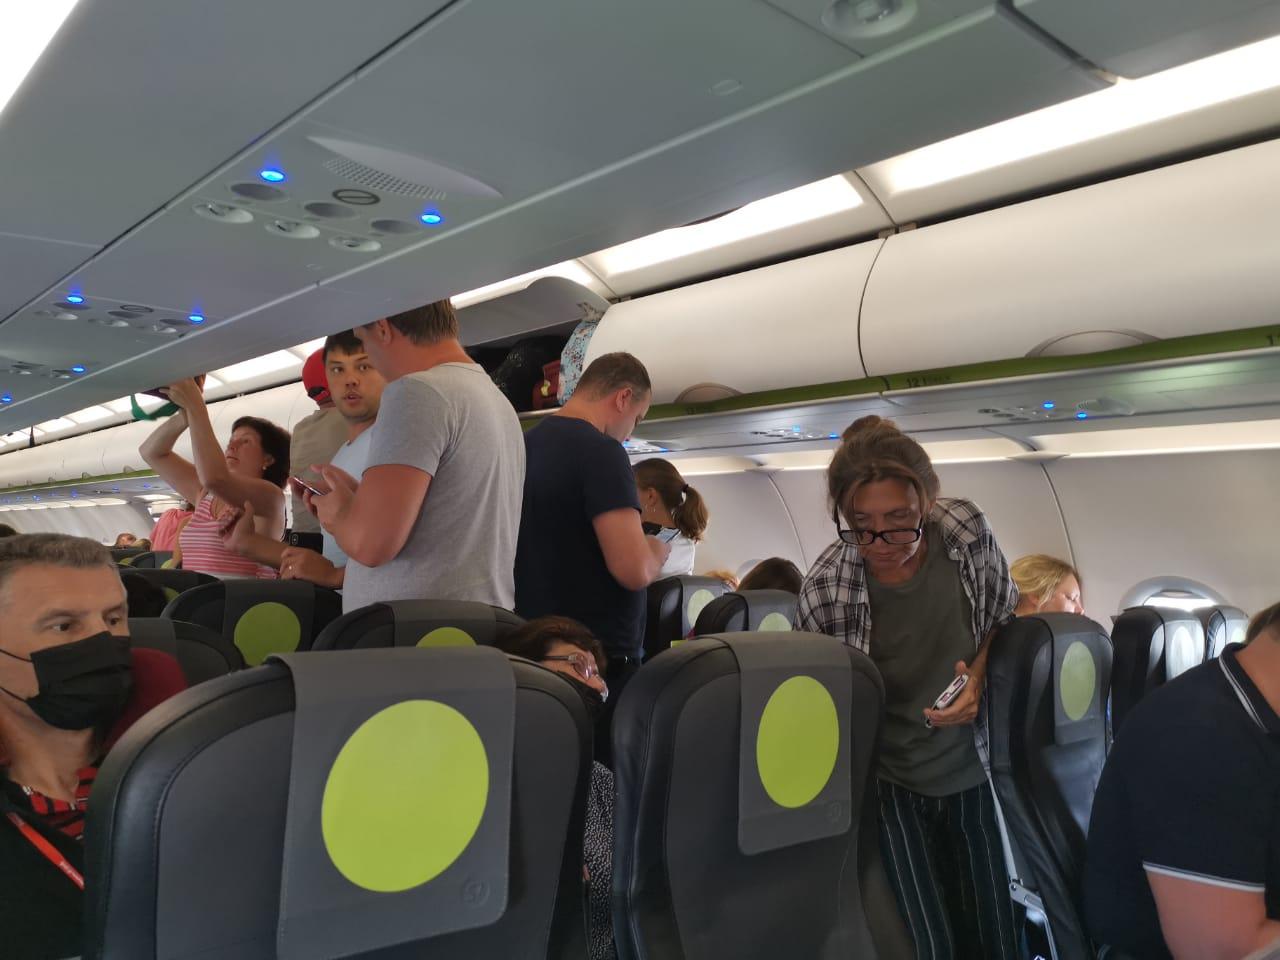 По словам пассажира, самолет не смог сесть из-за дымки над городом